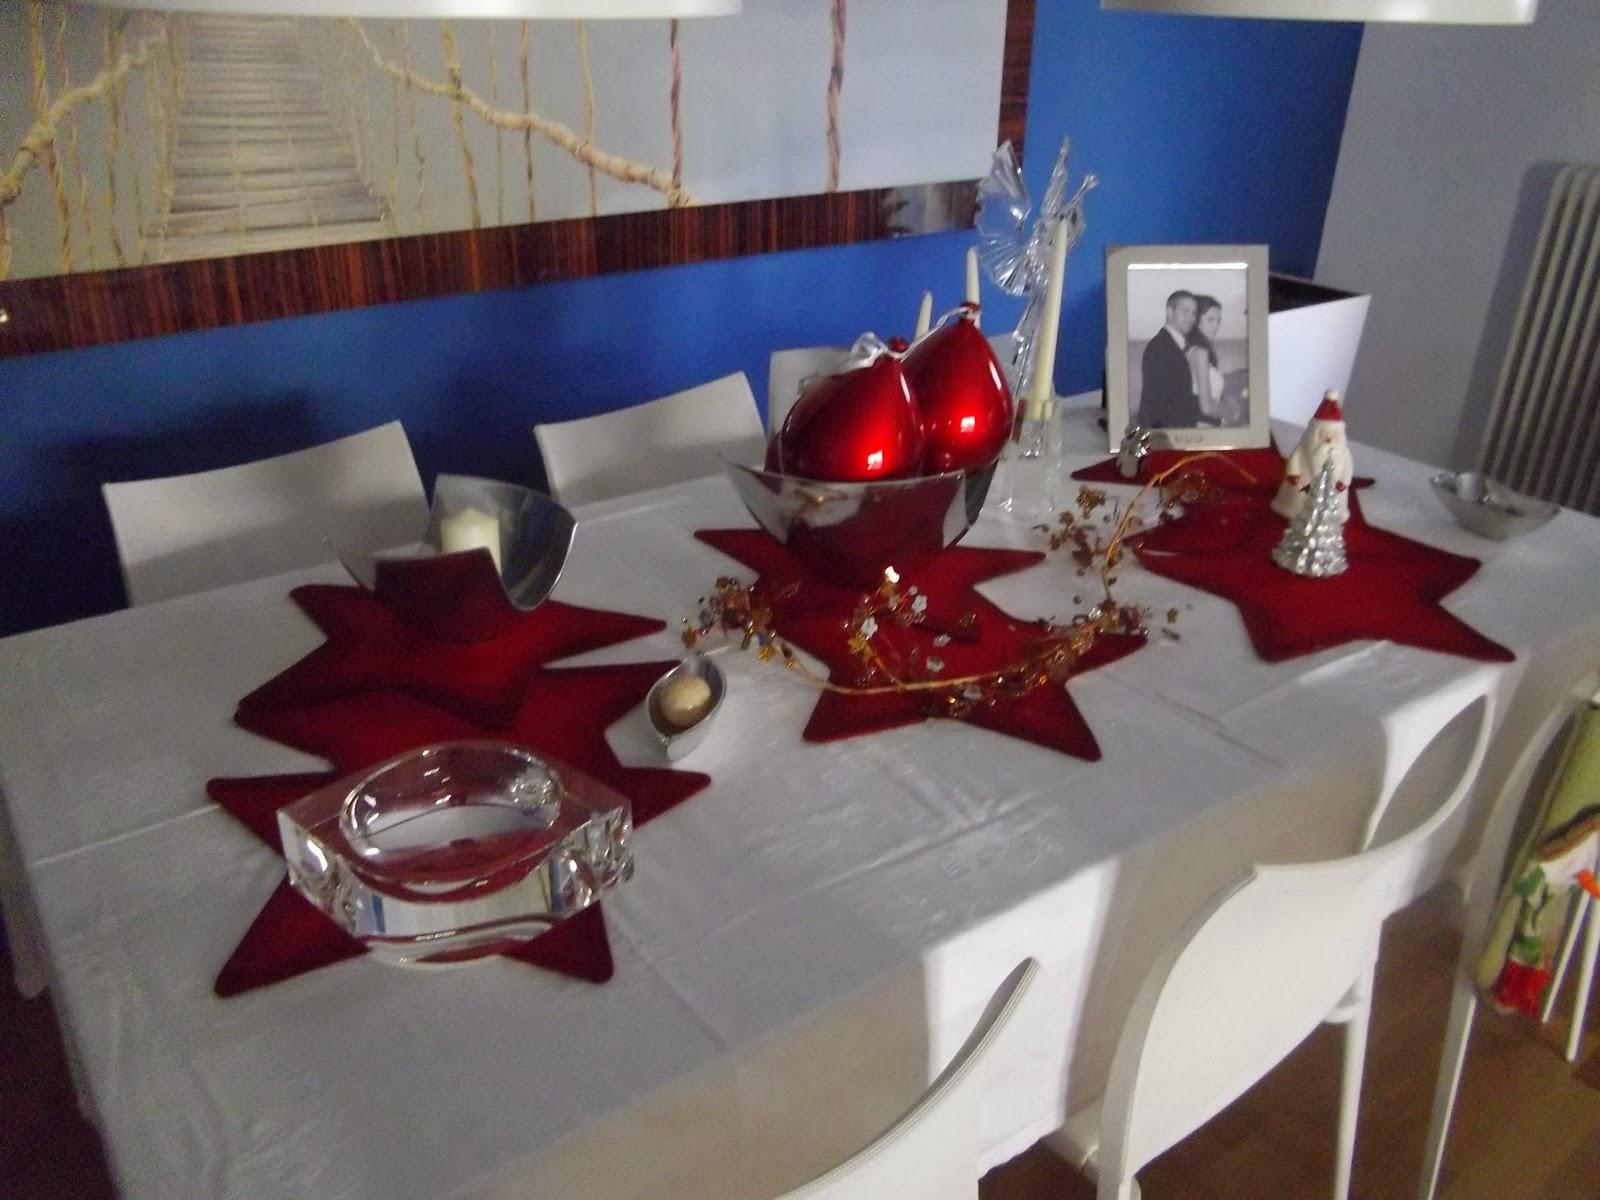 91e4b5a879e Amanda's Handmade Creations: Ακόμη ένα σπίτι που στολίσαμε με ...